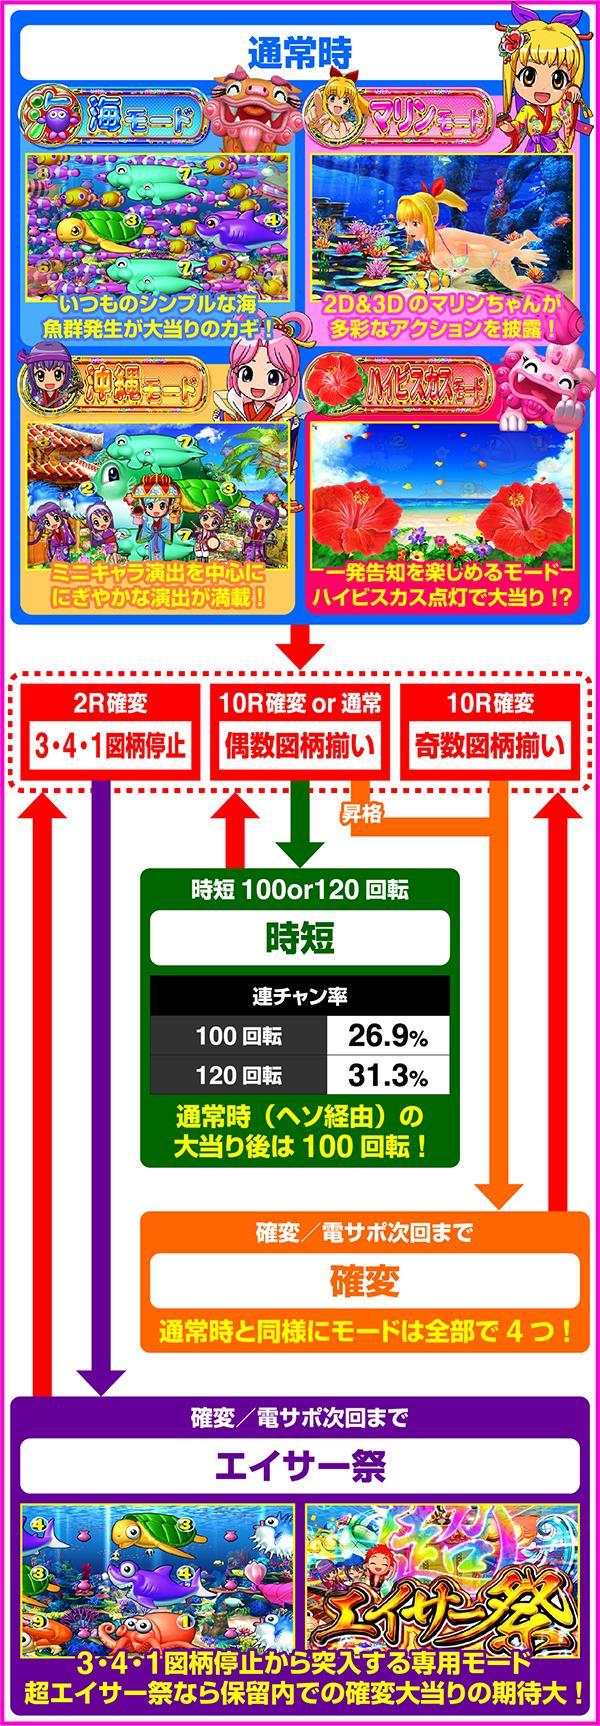 Pスーパー海物語 IN 沖縄5 三洋 ゲームフロー